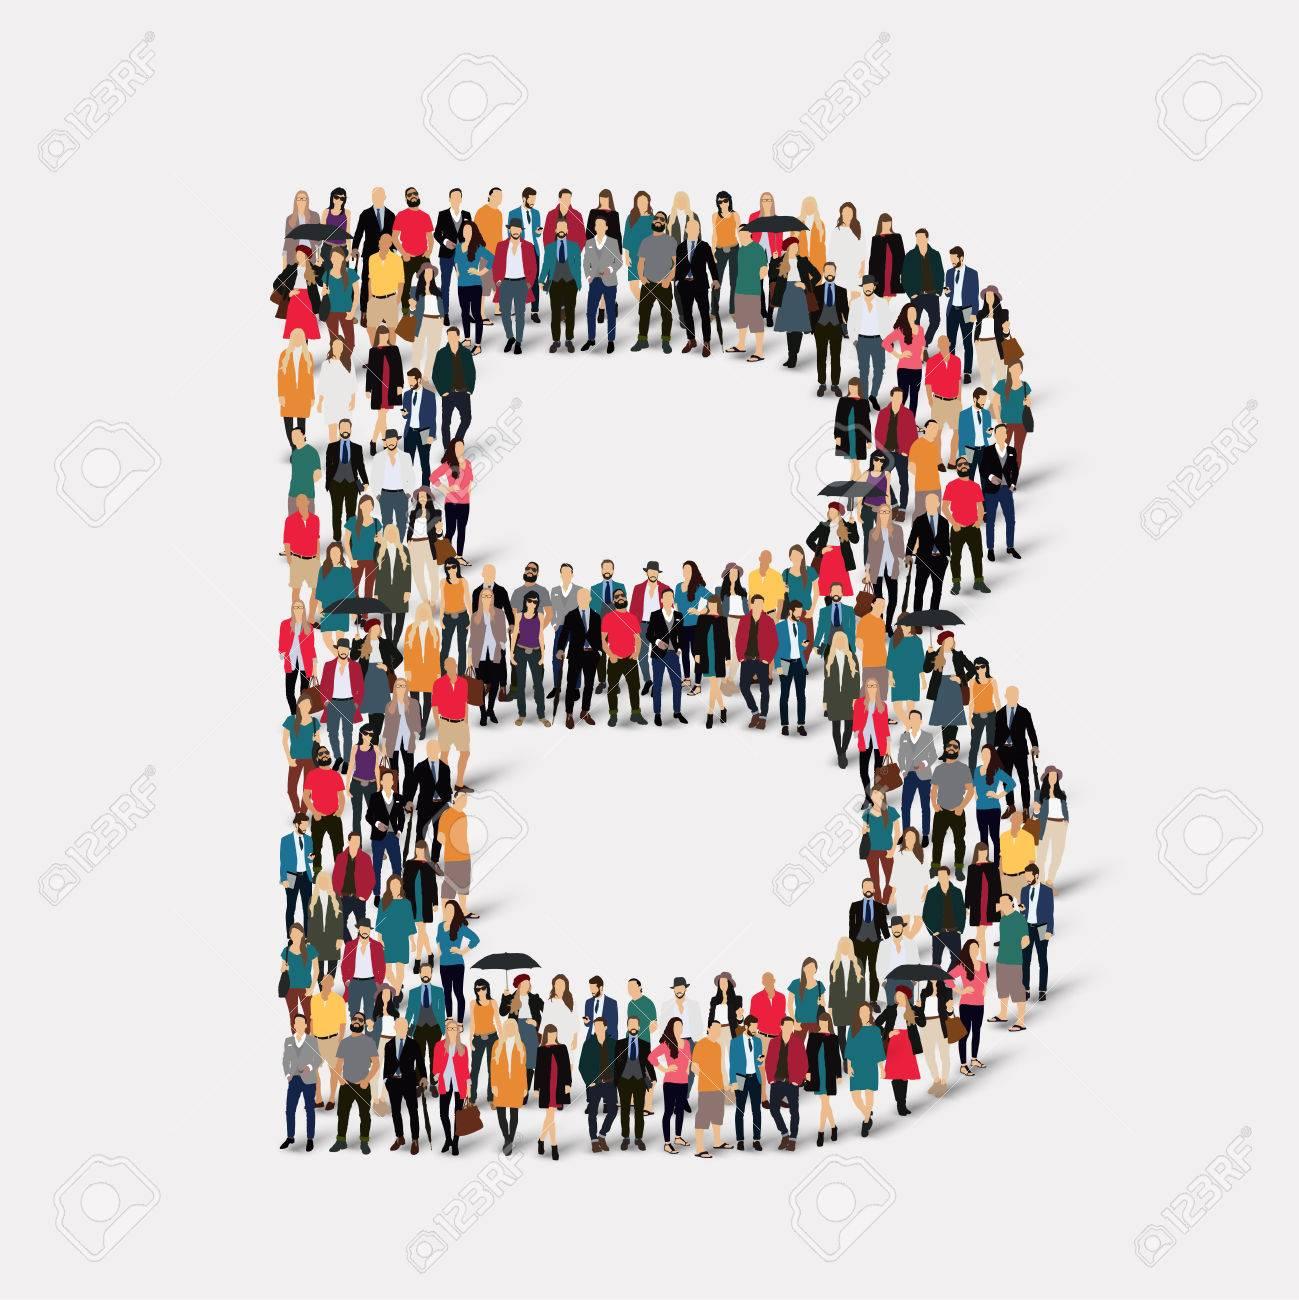 Große Gruppe Von Menschen In Briefform B Illustration Lizenzfreie